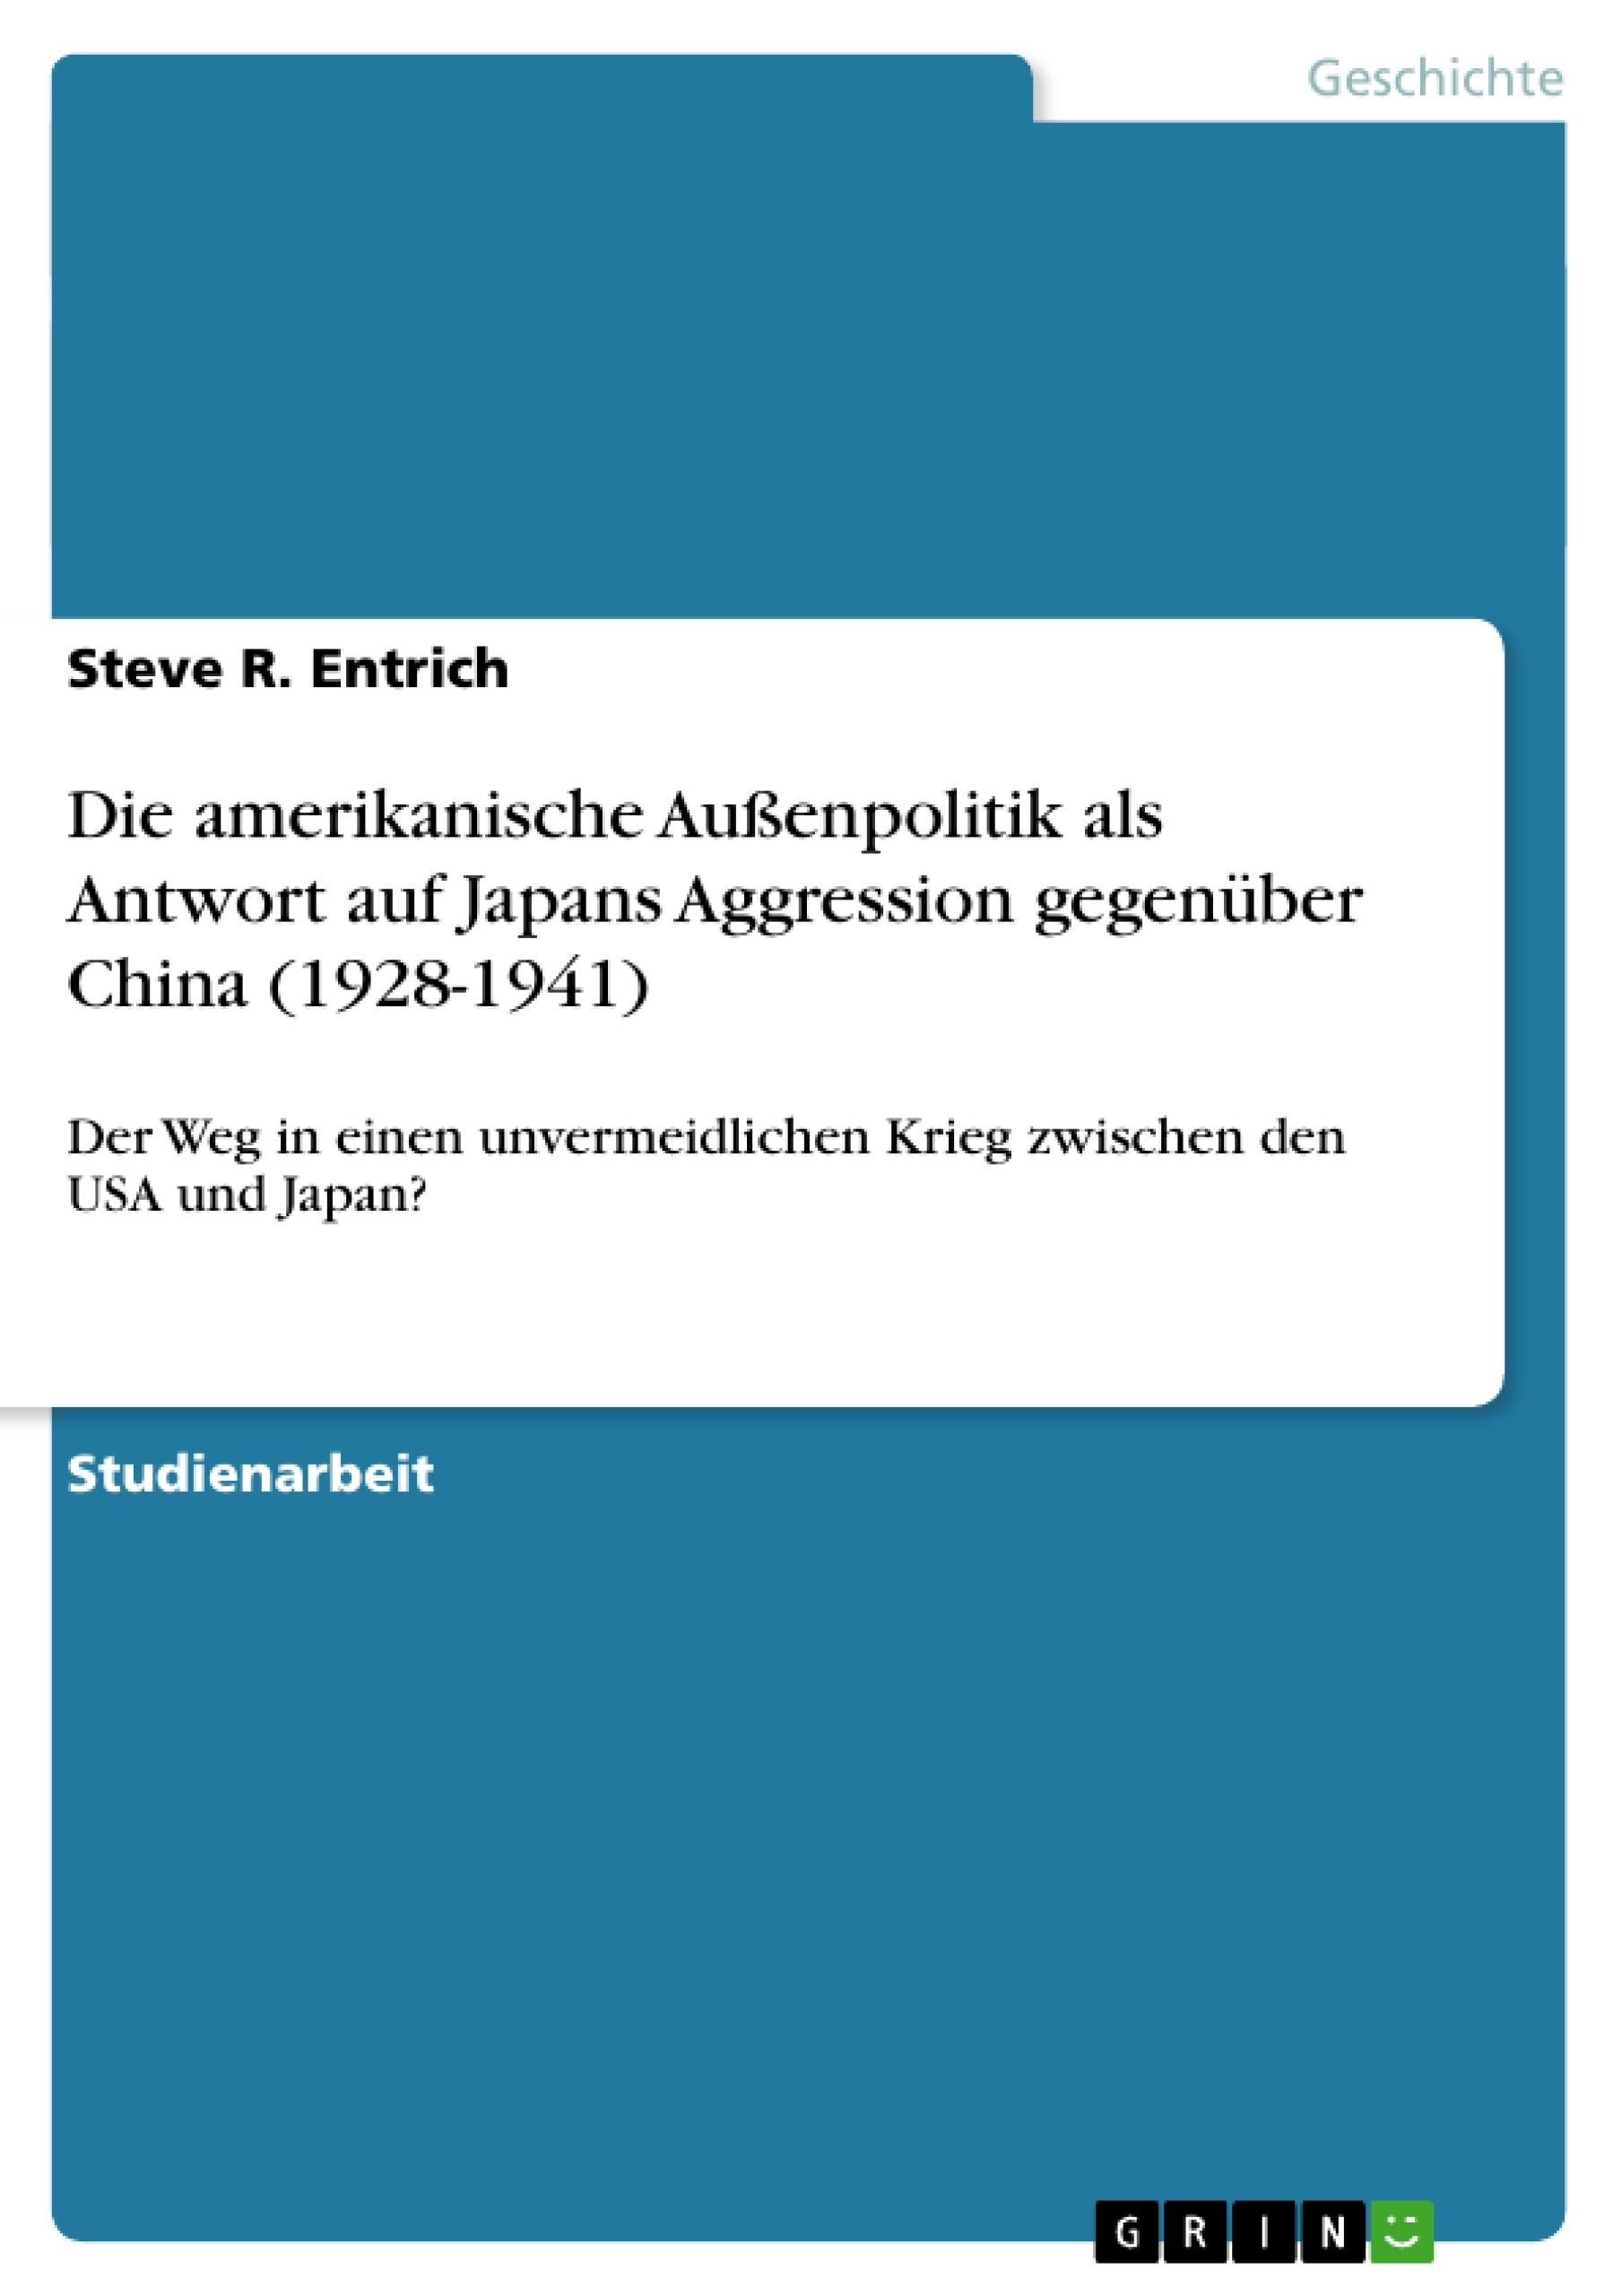 Titel: Die amerikanische Außenpolitik als Antwort auf Japans Aggression gegenüber China (1928-1941)